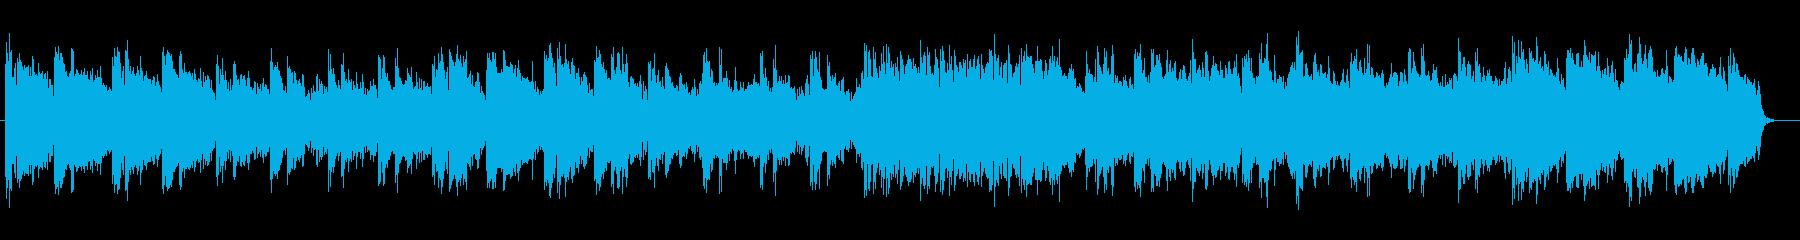 朗らかなリラクゼーションミュージックの再生済みの波形